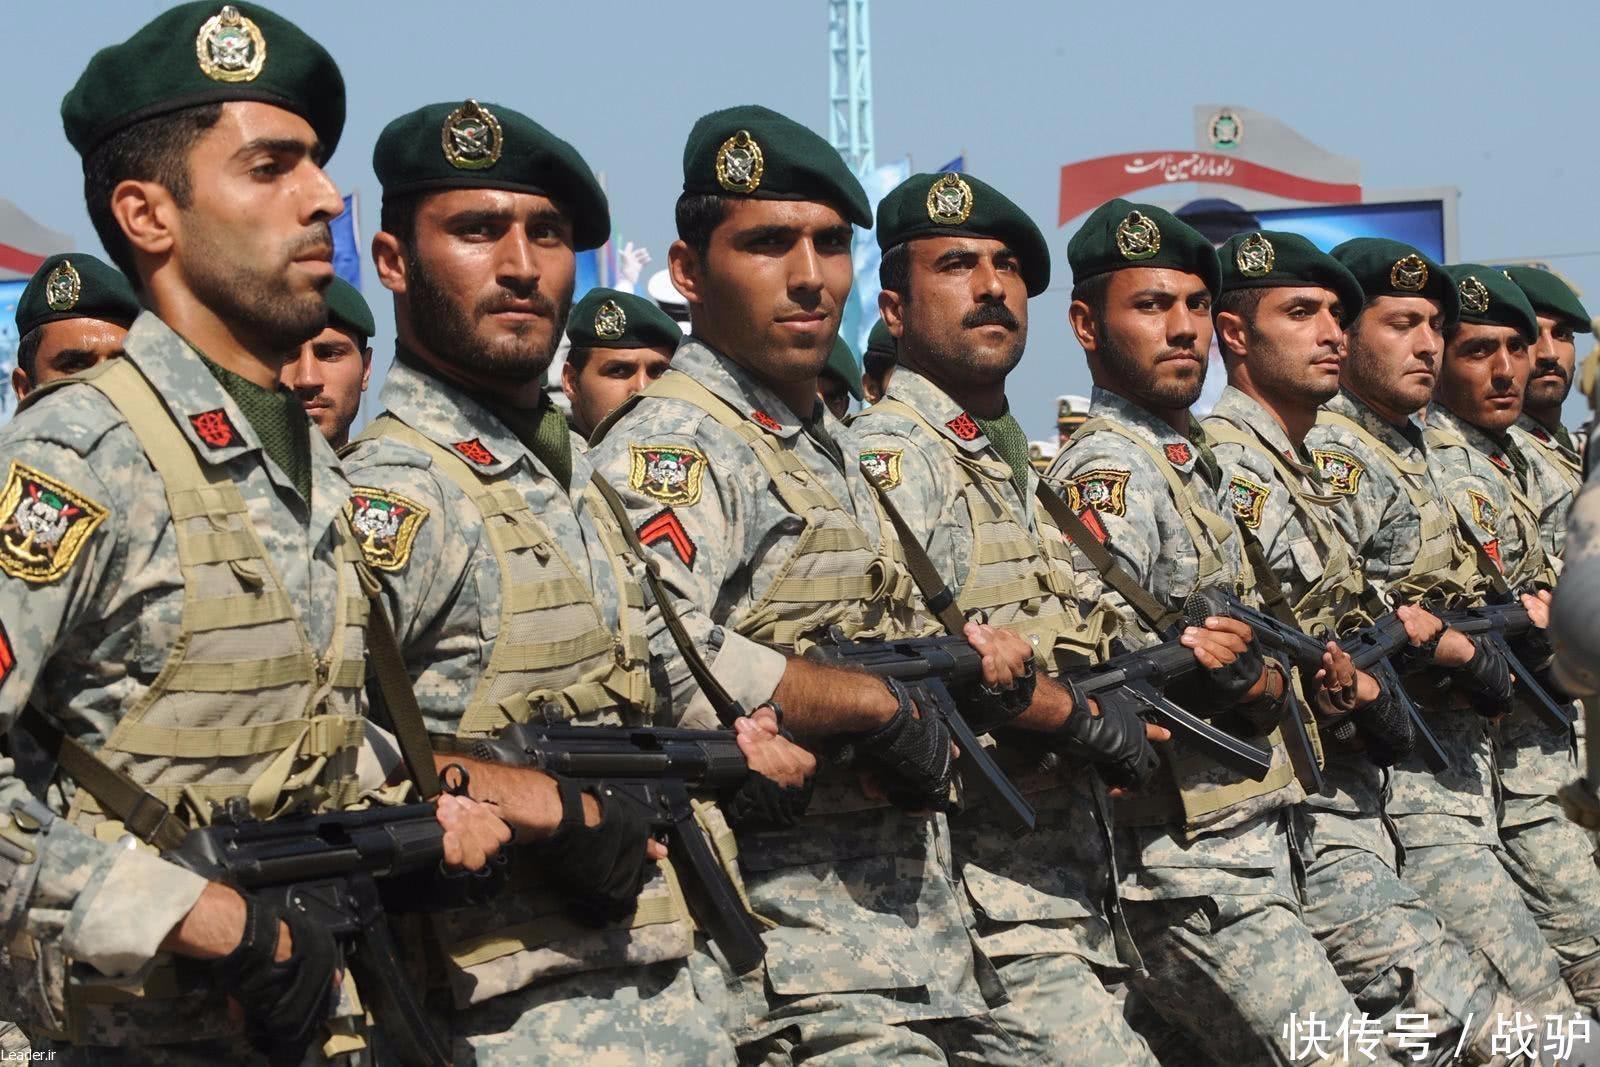 Desfile de soldados da Guarda Revolucionária do Irã